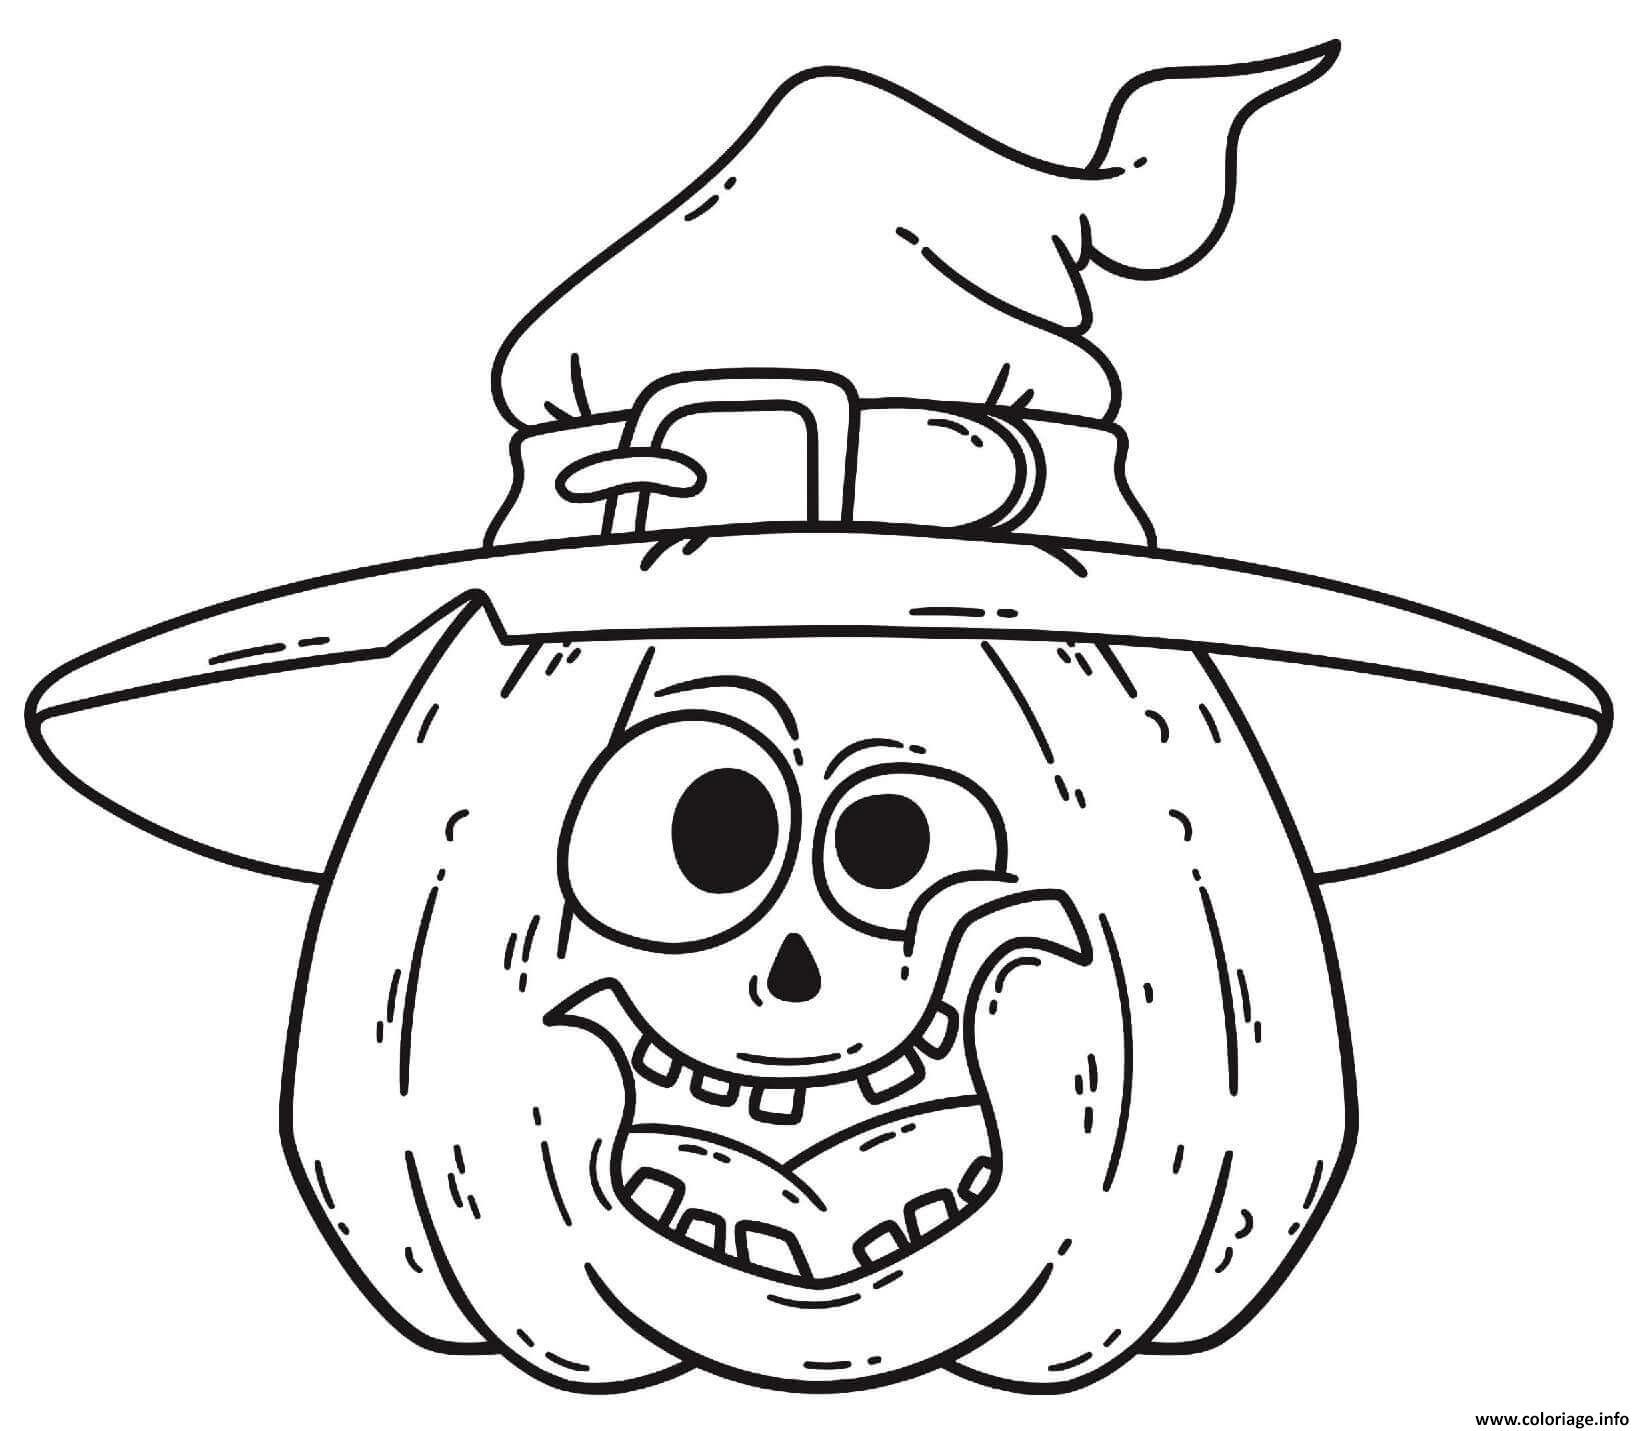 Dessin chapeau et citrouille amusante pour Halloween Coloriage Gratuit à Imprimer